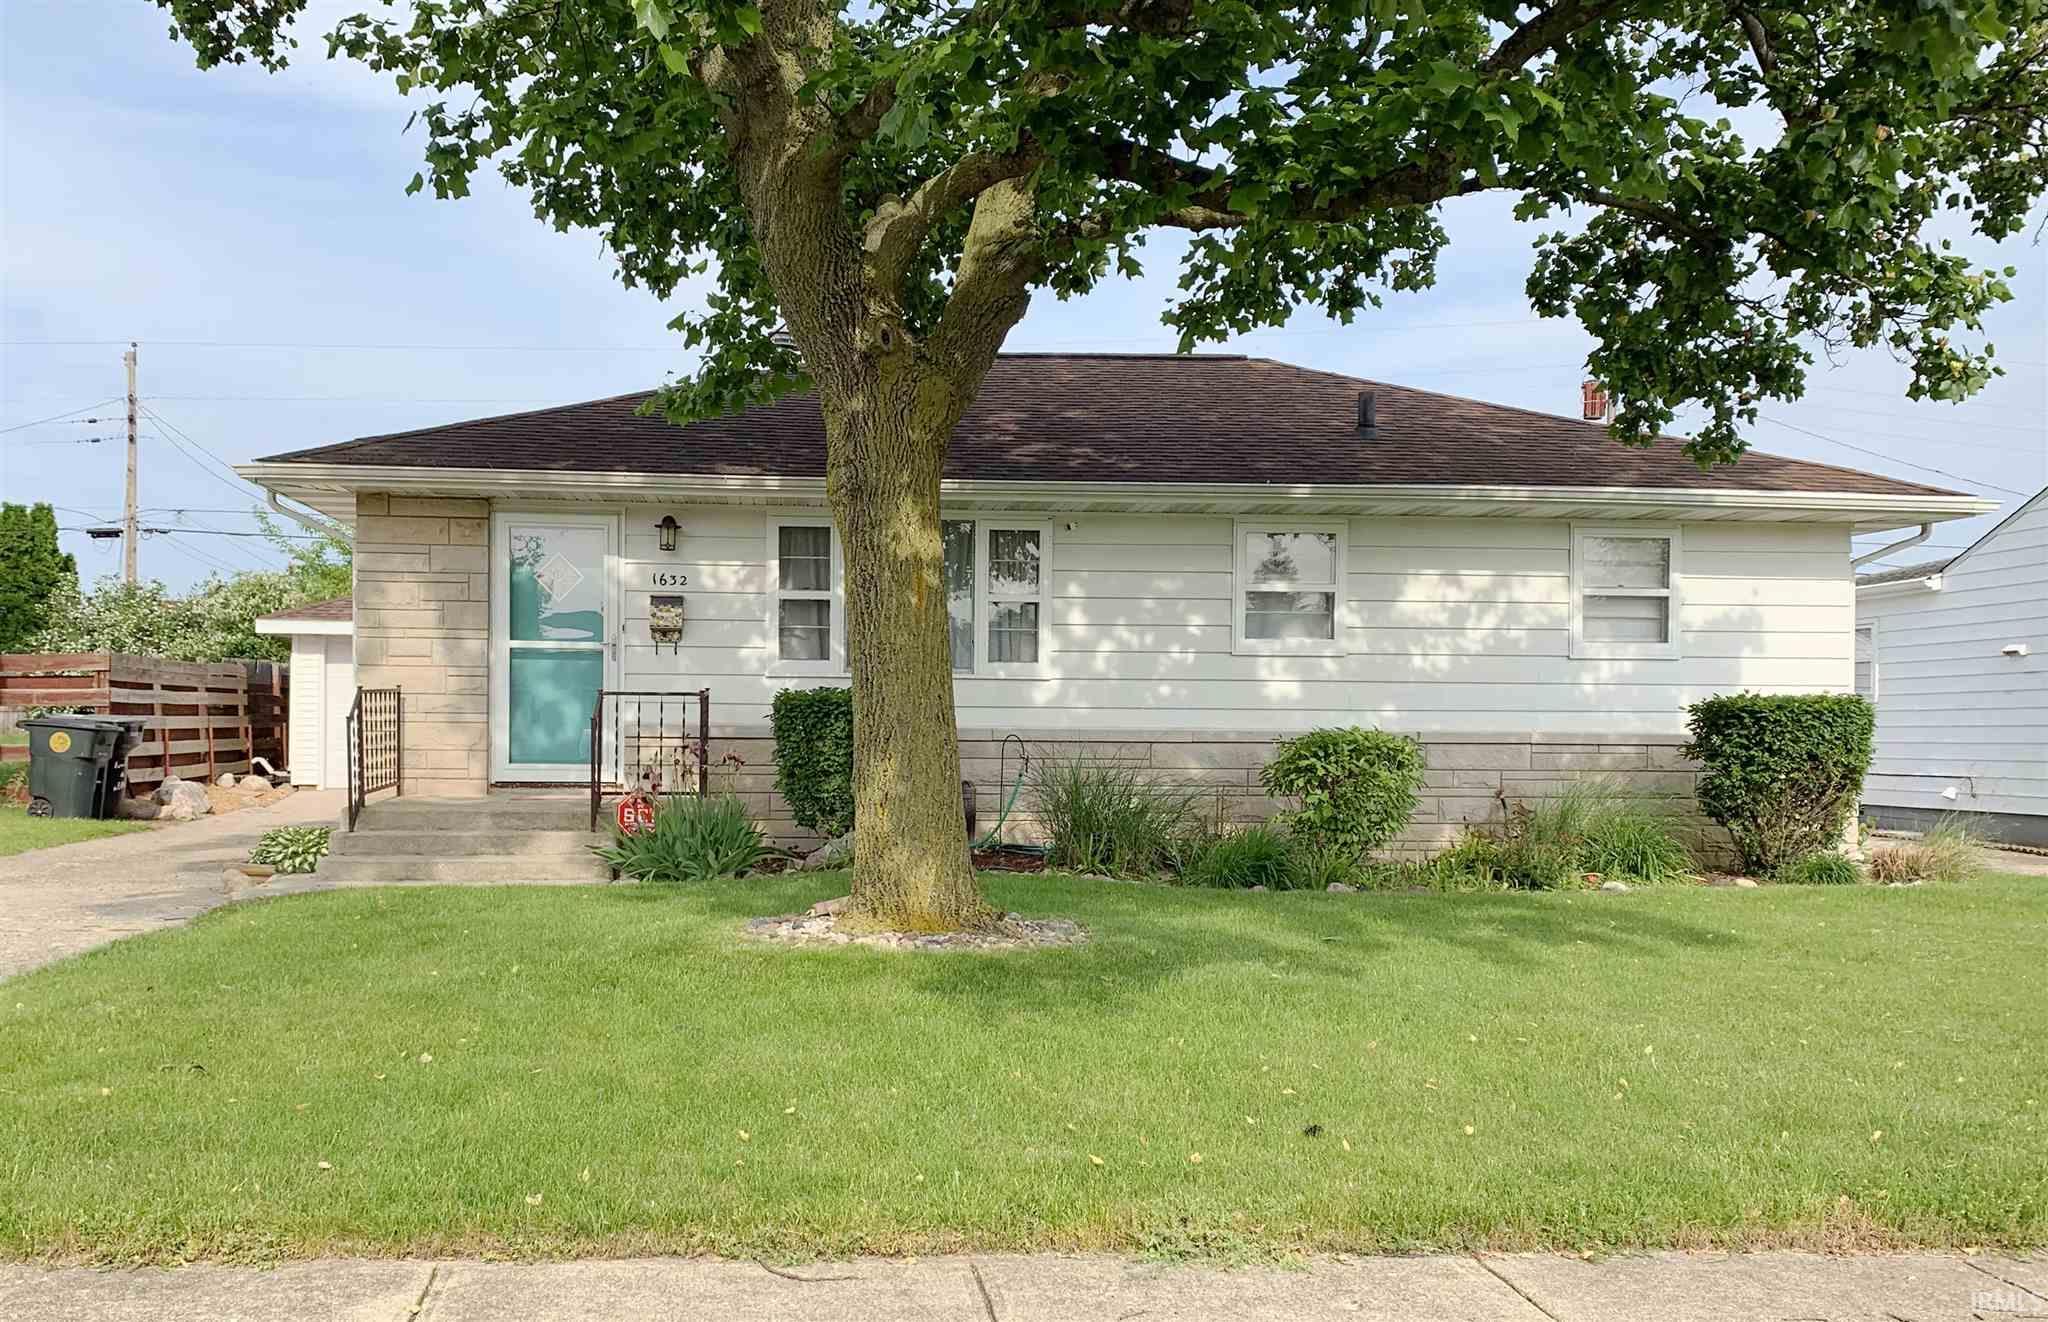 1632 N Kenmore South Bend, IN 46628